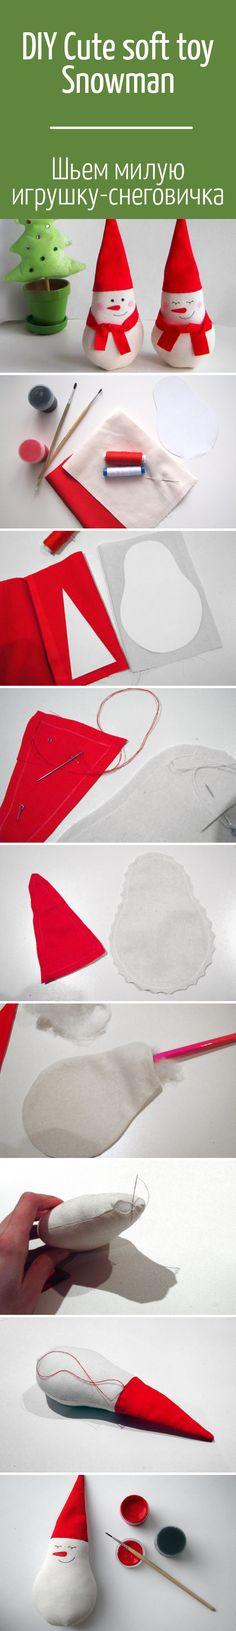 Шьем мягкую игрушку —  новогодний сувенир. Снеговичок, которого может сделать каждый ⛄ / Cute soft toy Snowman DIY